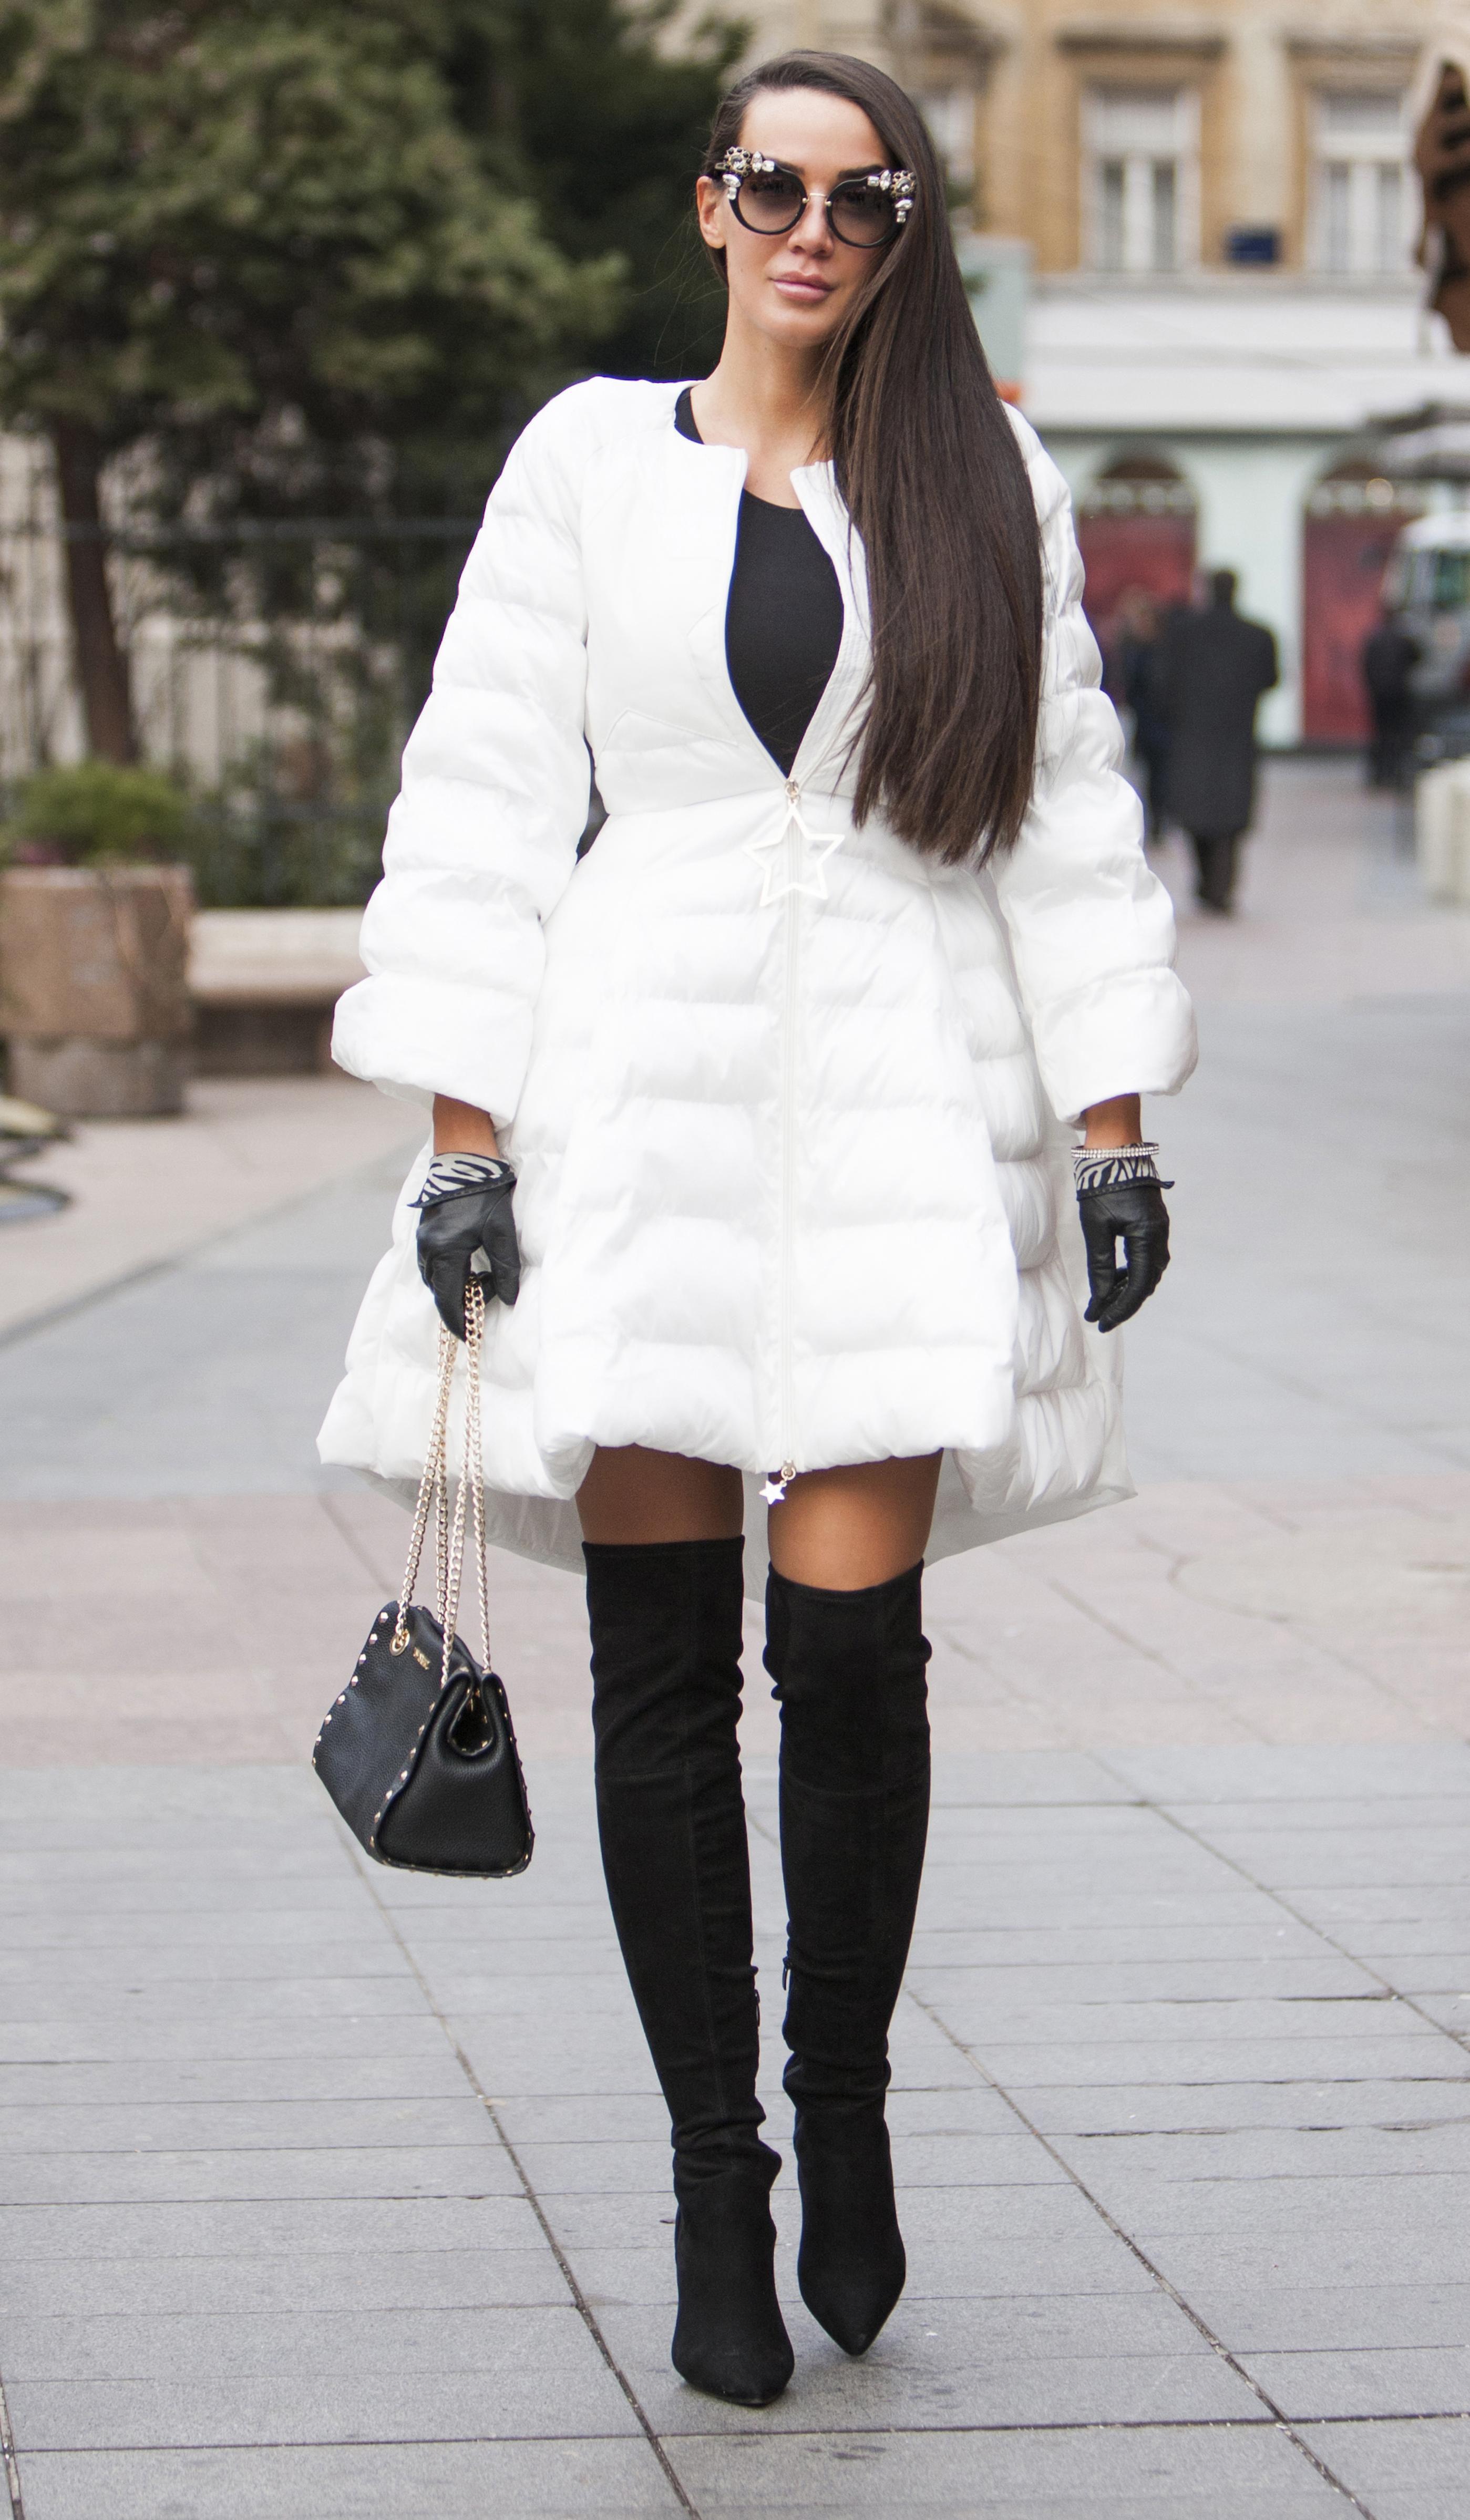 """Zgodna brineta kao iz modnih metropola: """"Volim modu i ne bojim je se!"""""""